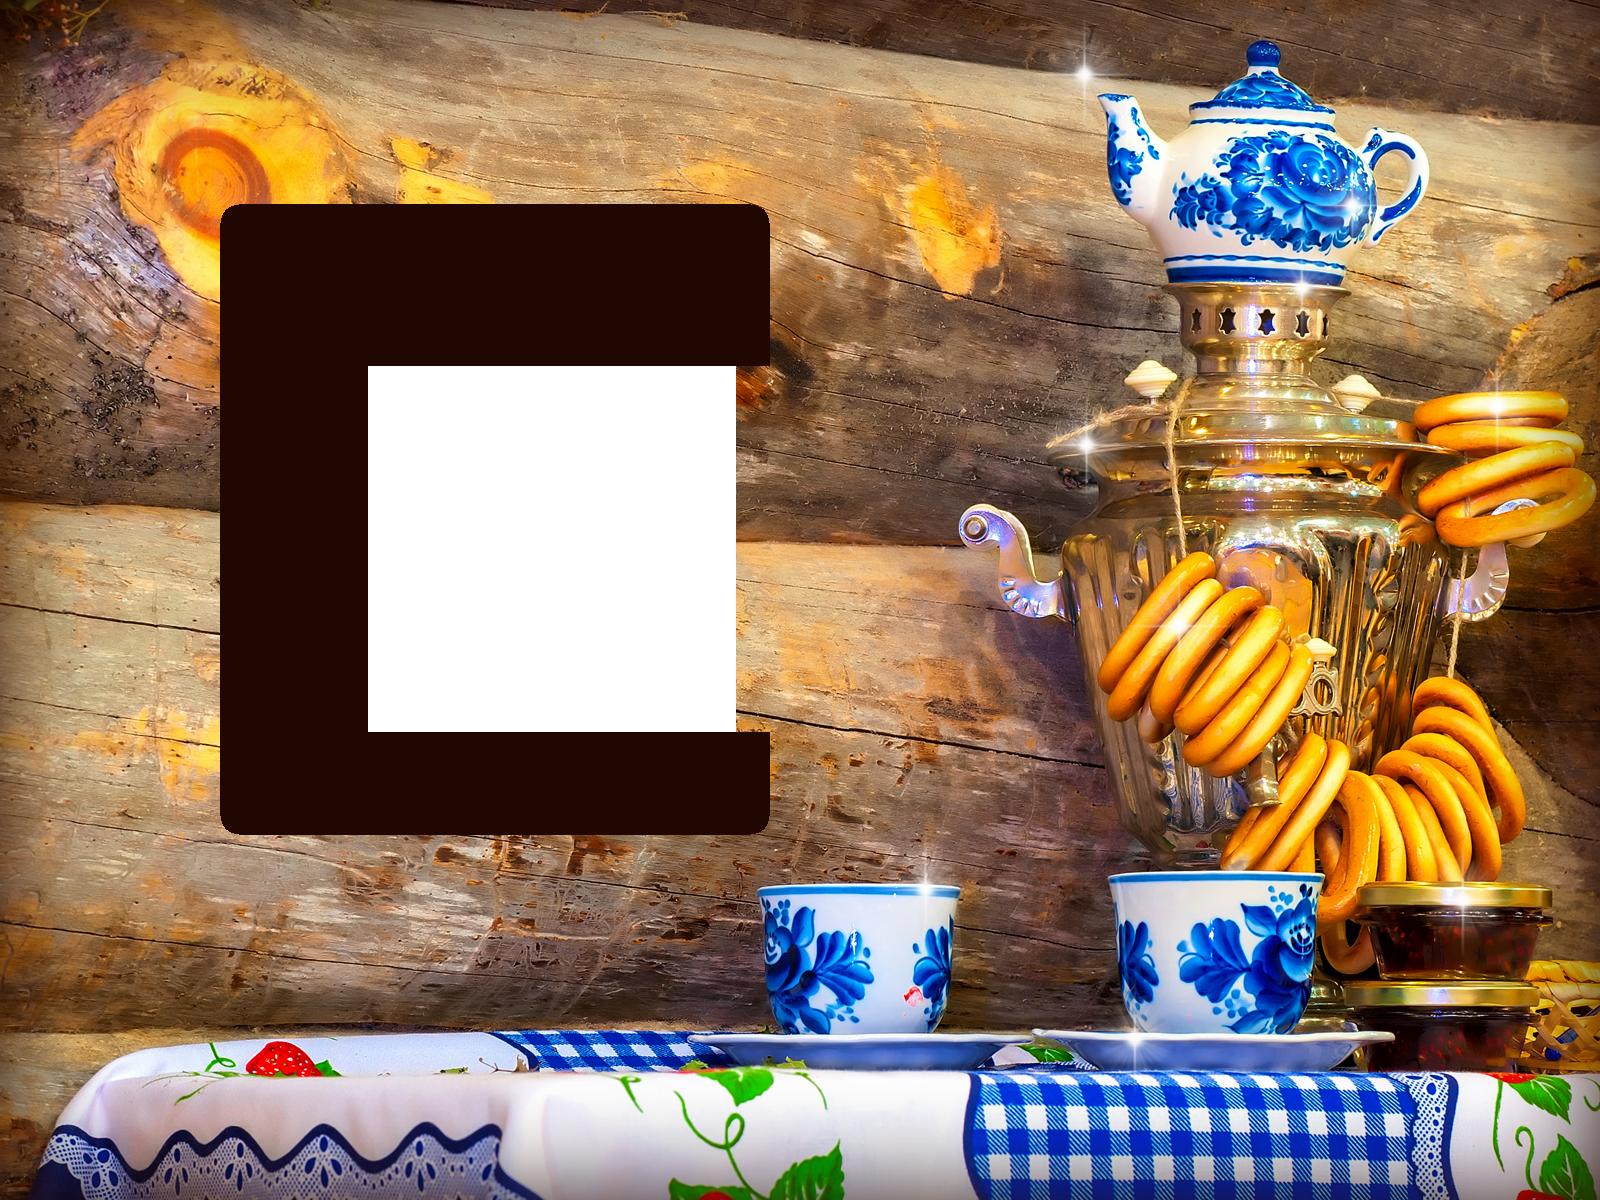 картинки рамки на масленицу в отличном качестве картинки тегом лепестки